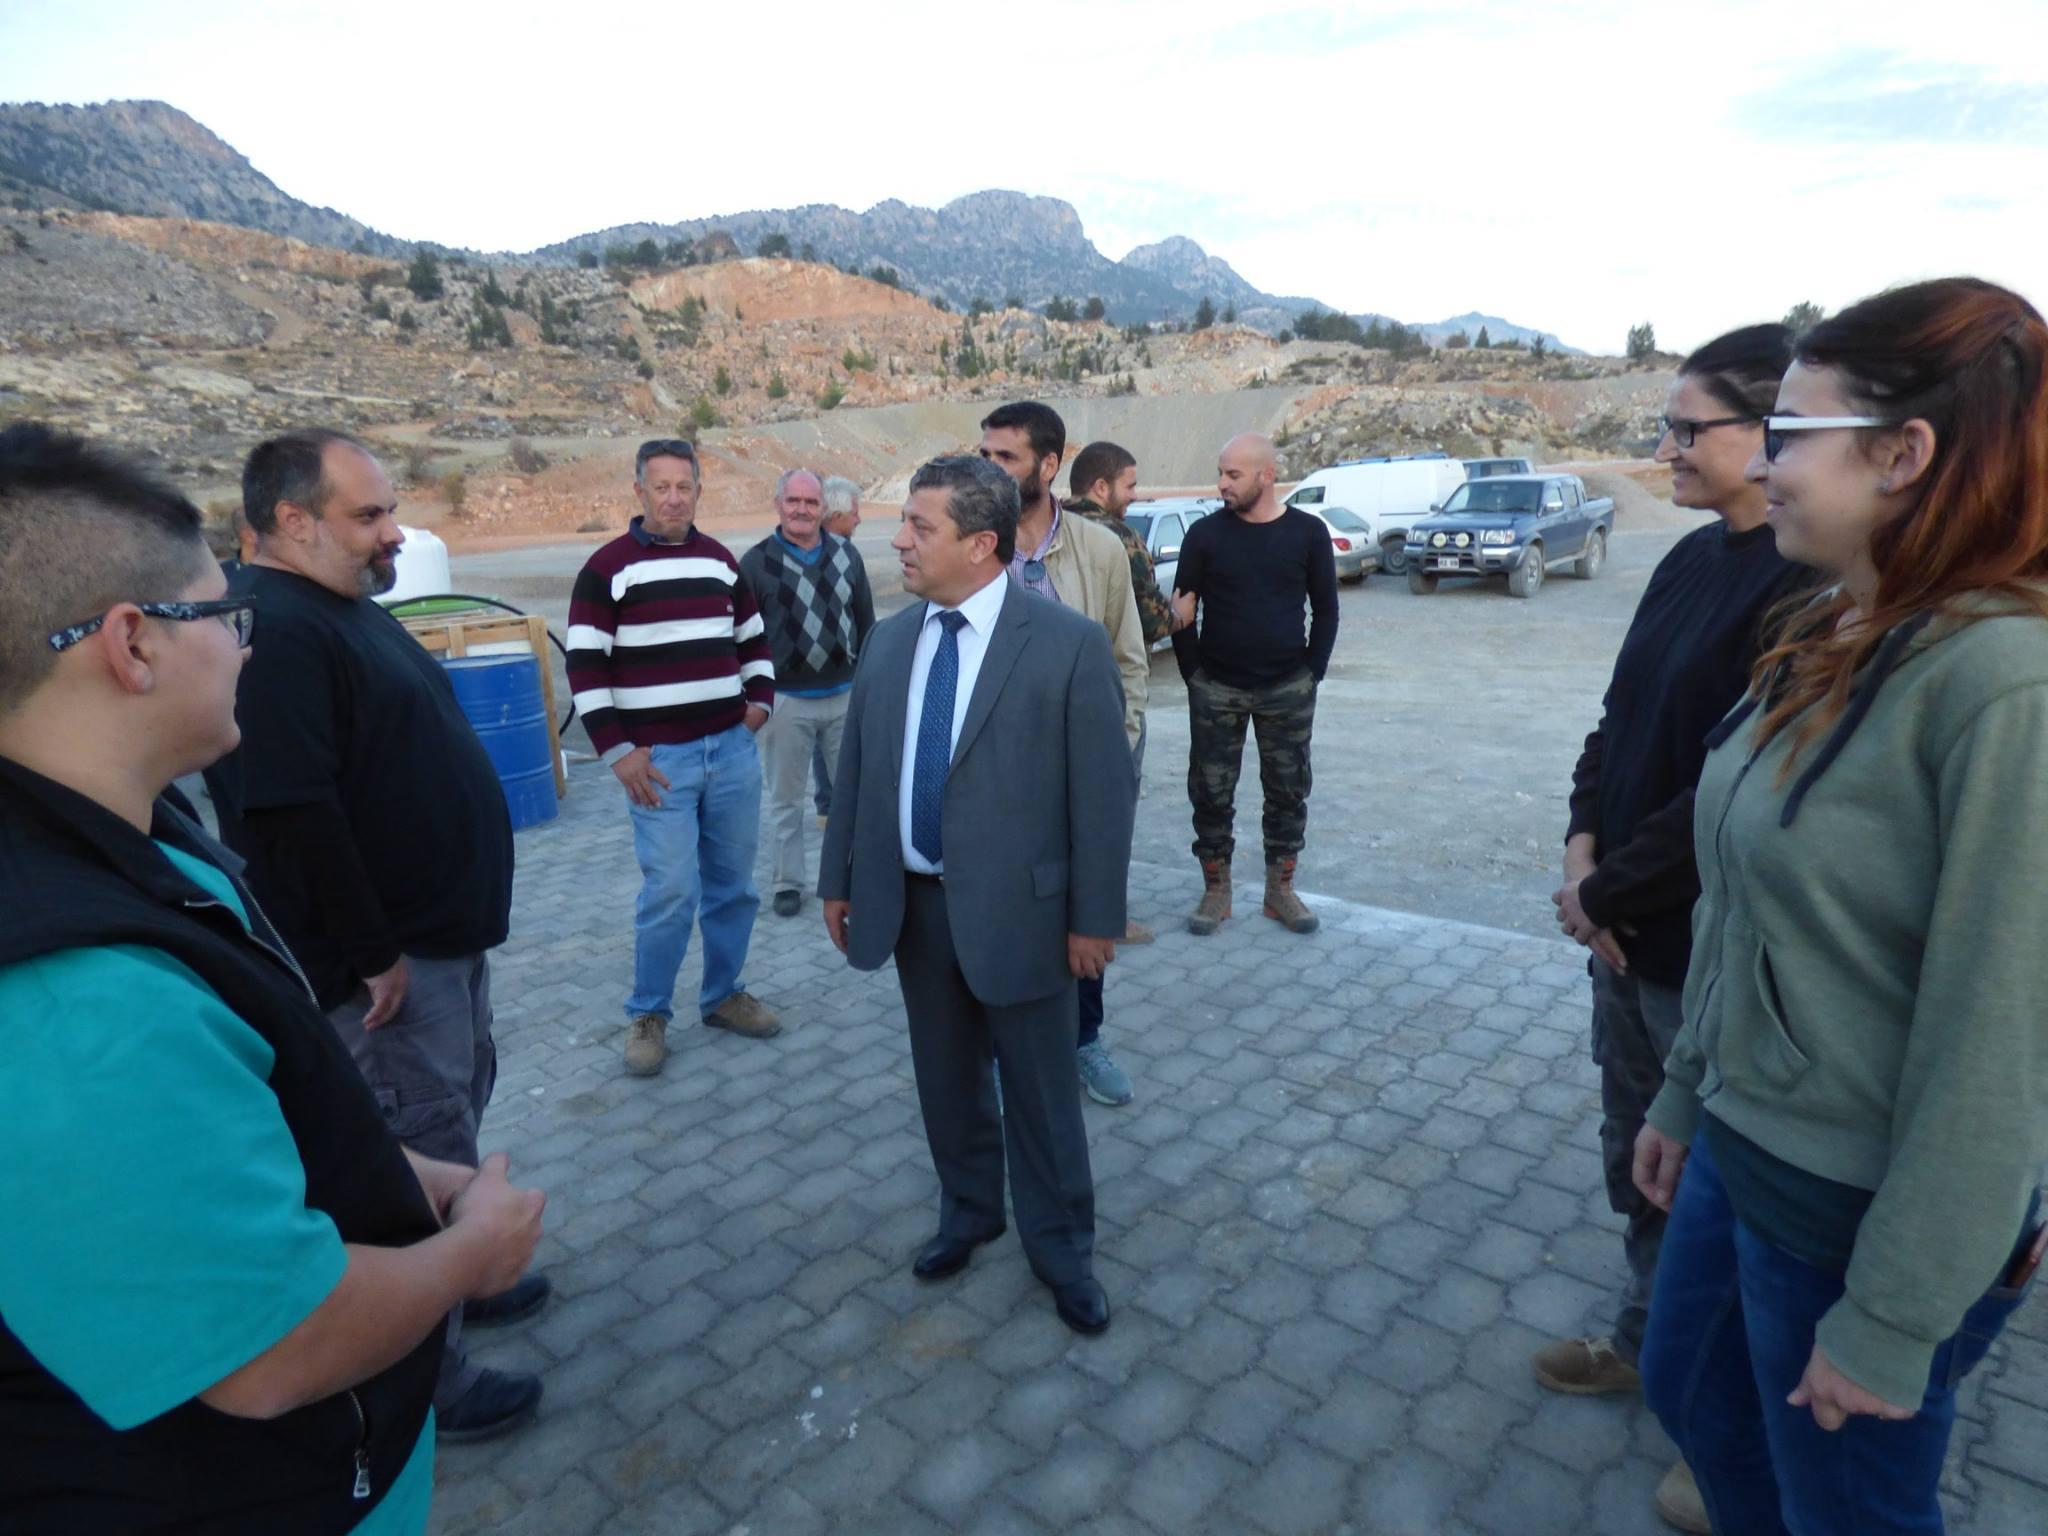 Кемаль Дюрюст посетил заповедник в Ташкенте